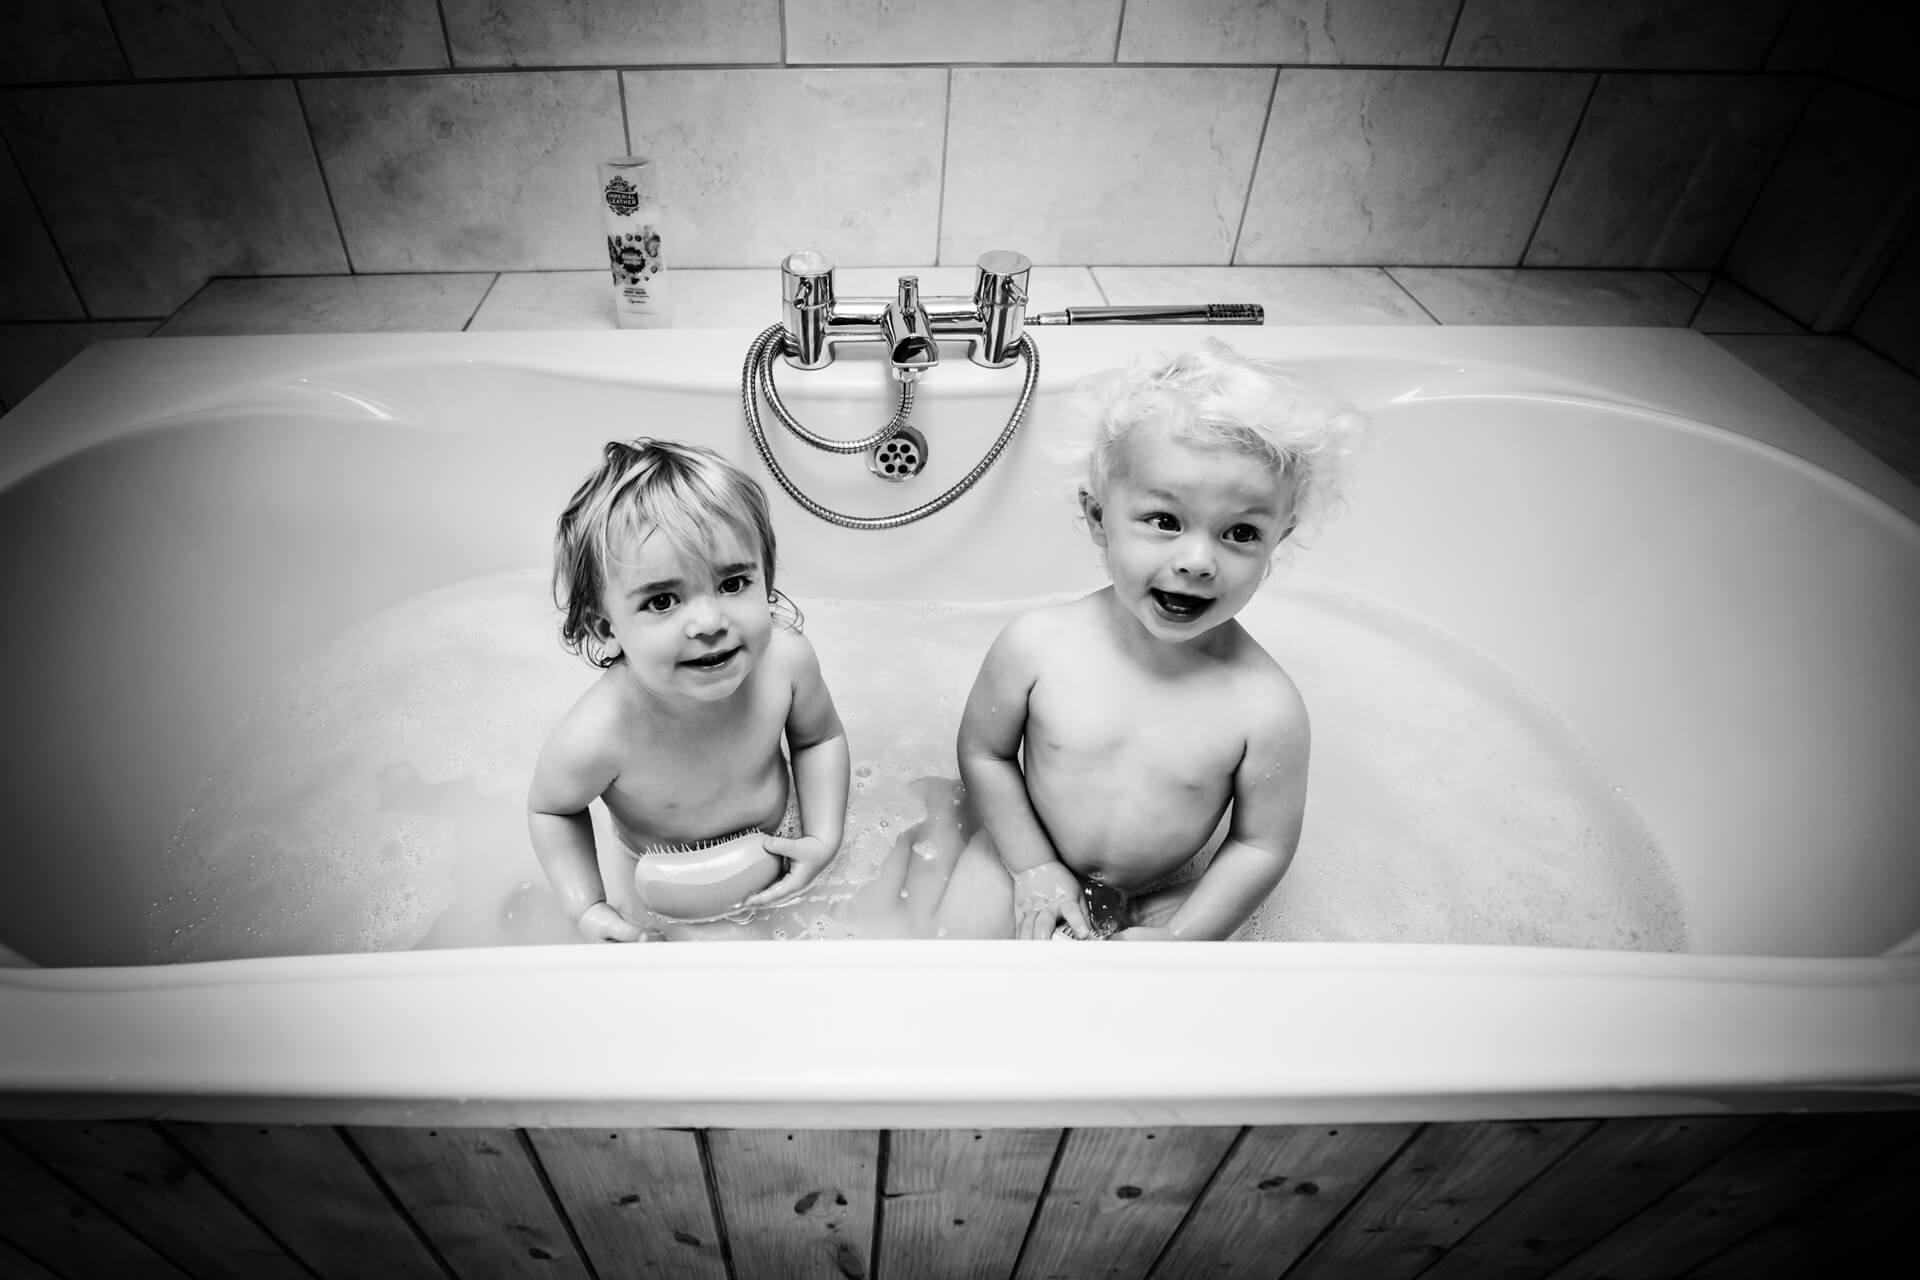 two small boys sitting in a bath